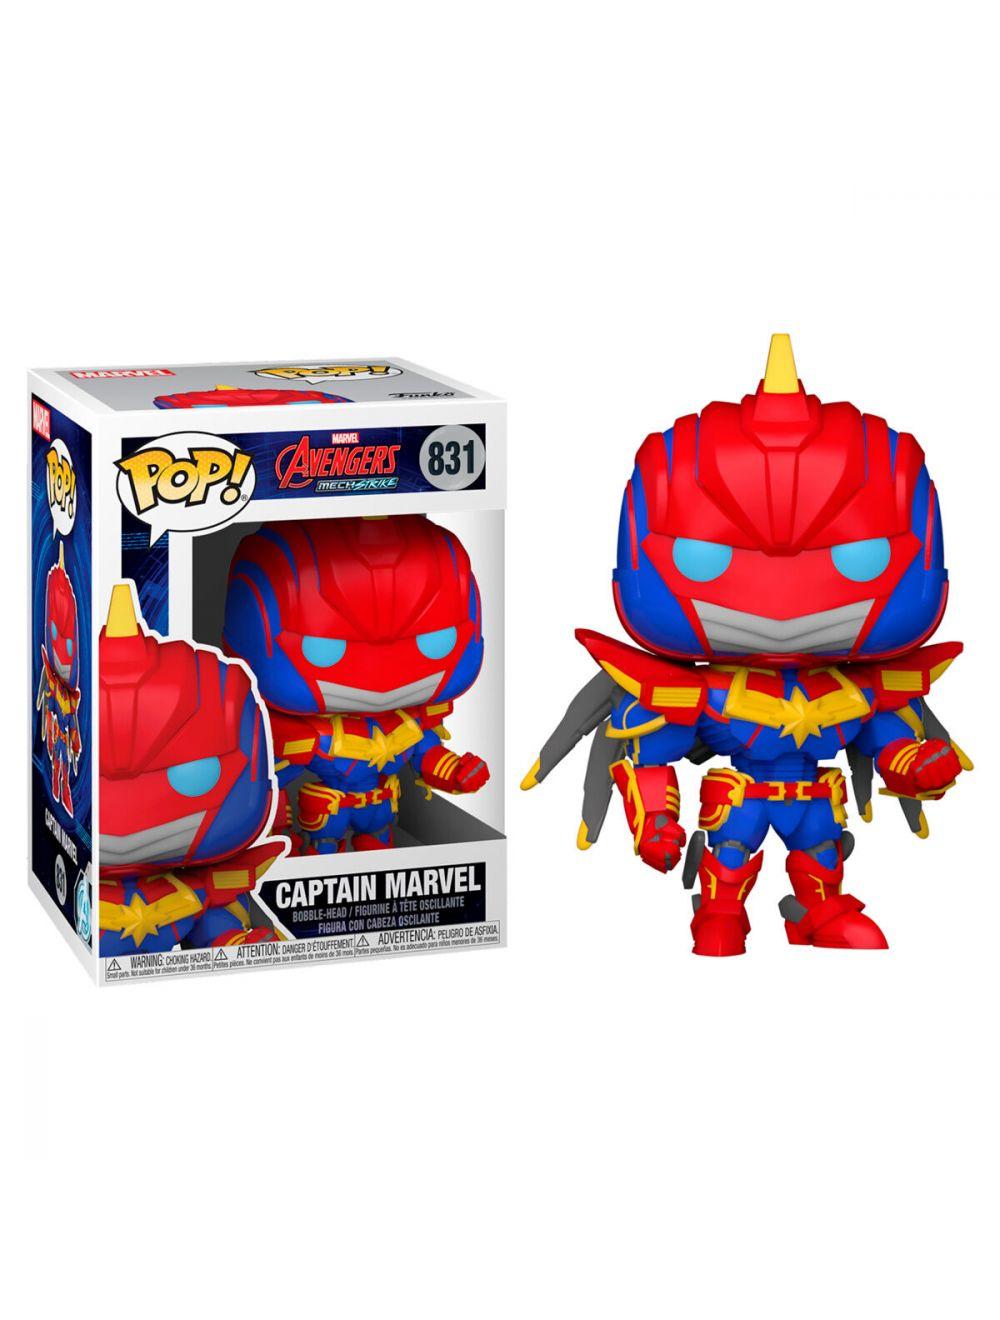 Funko POP! Marvel Mech - Captain Marvel Vinyl figura 10cm